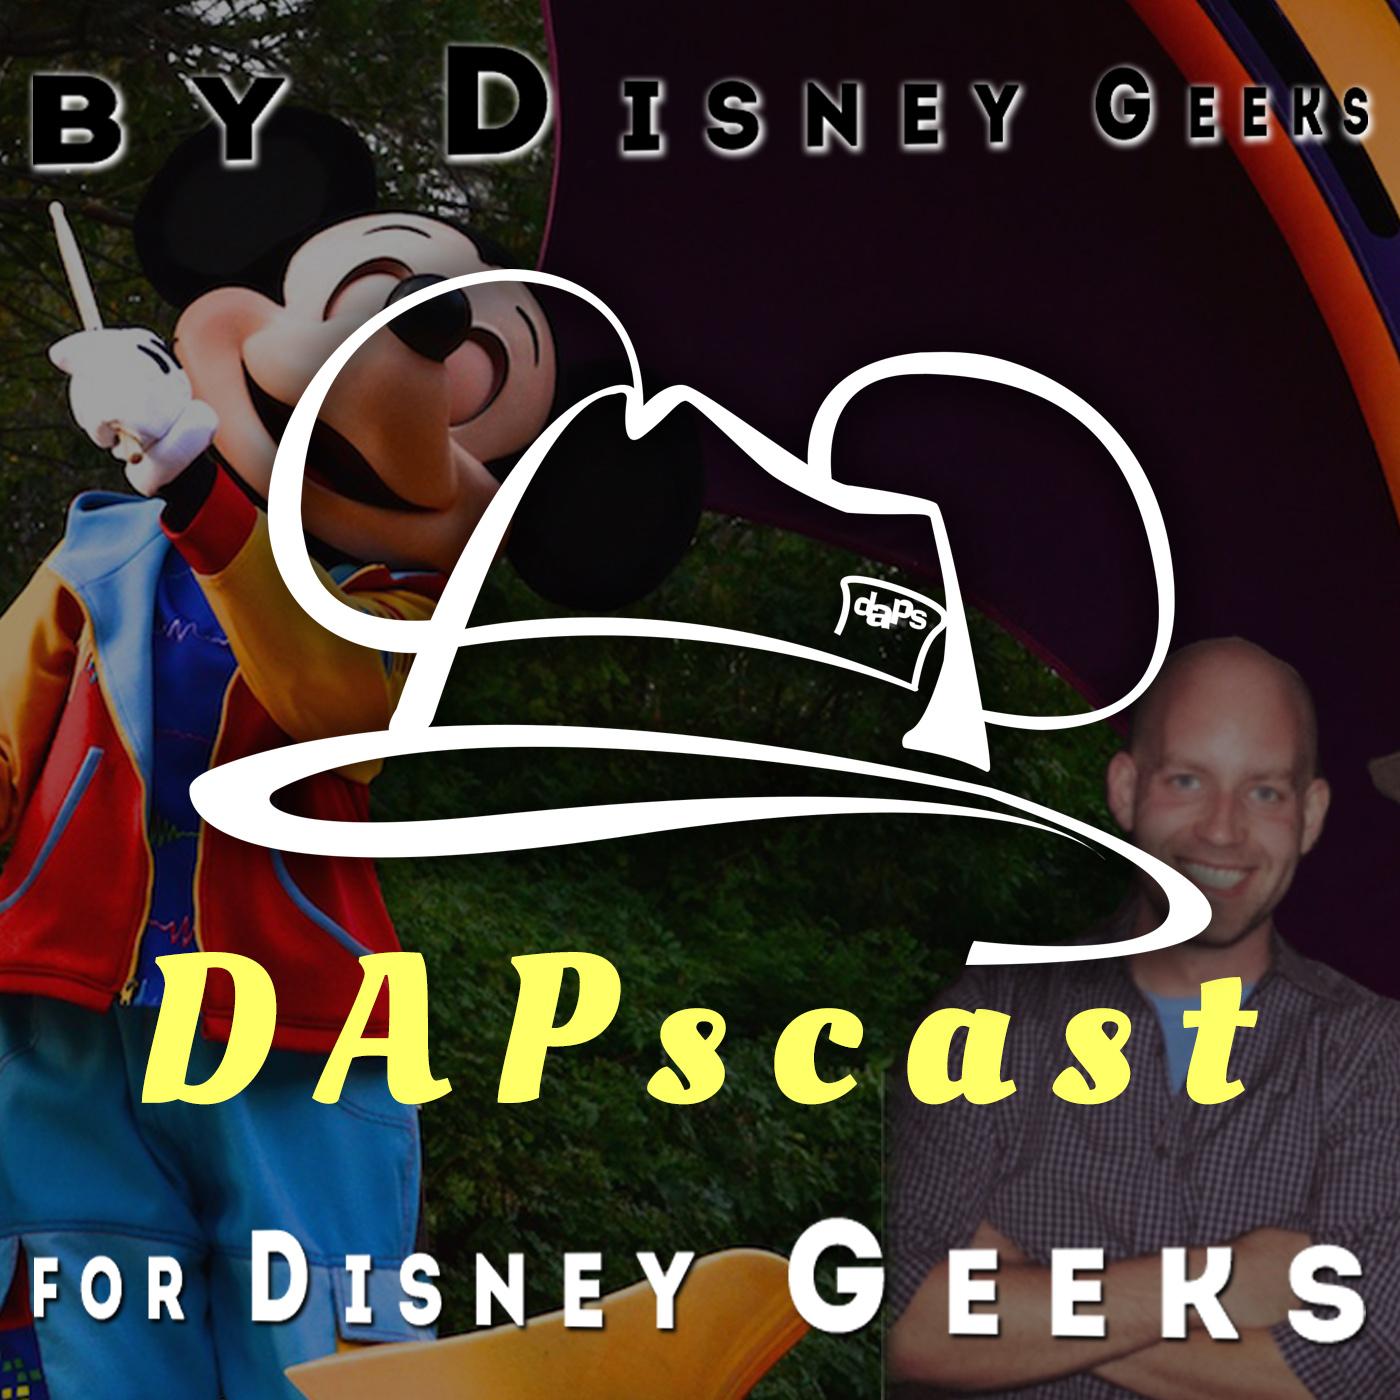 DAPscast Episode 21 - Bret Iwan